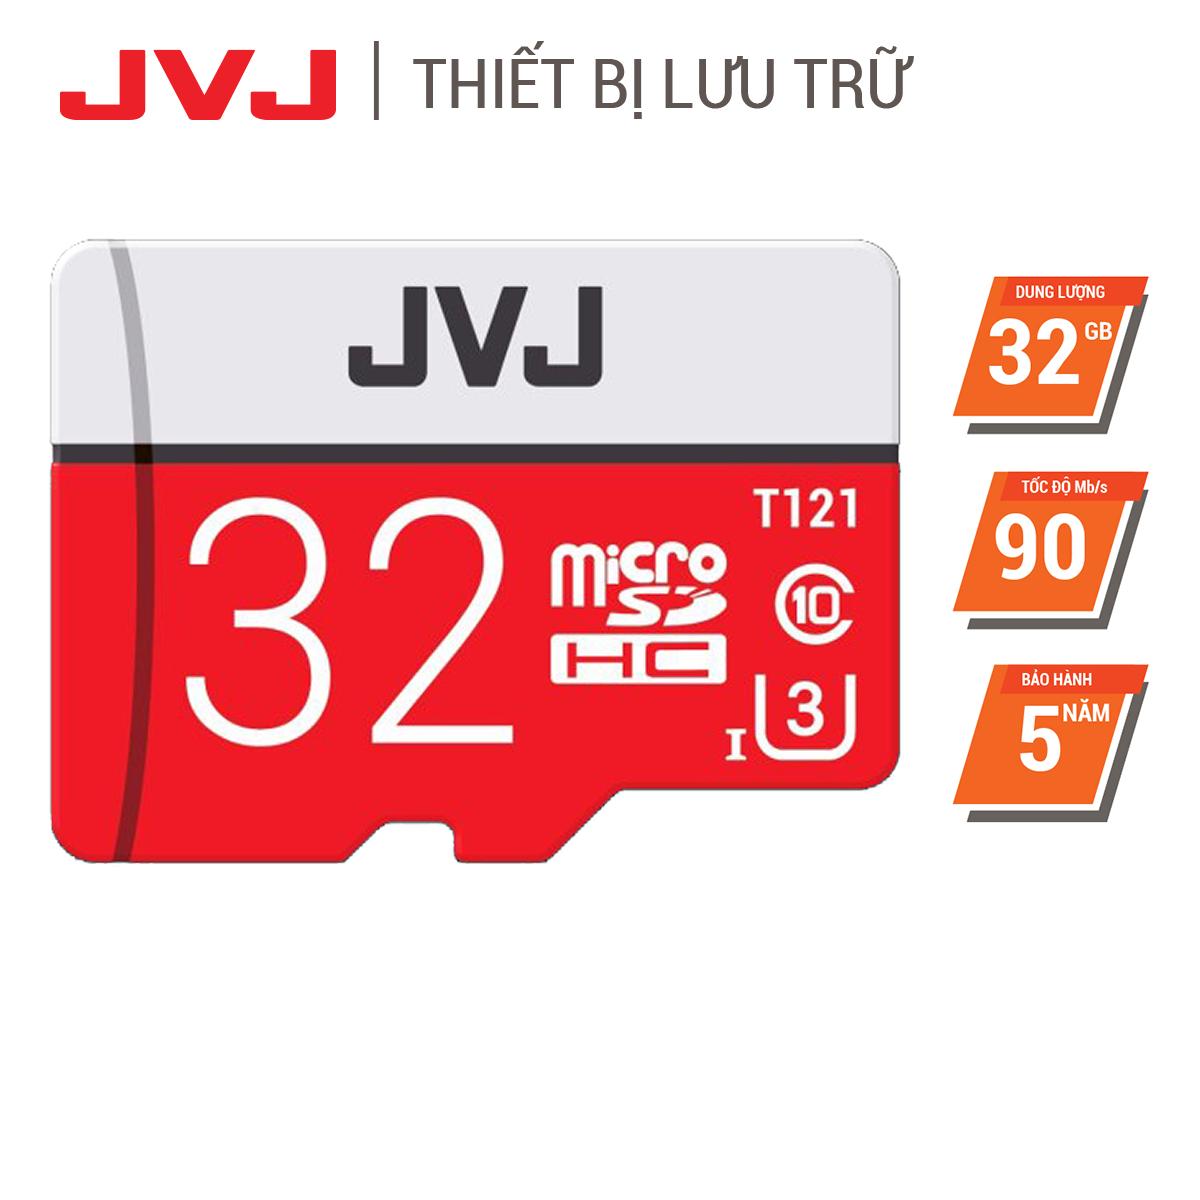 Thẻ nhớ 32G Class 10 U3 JVJ Pro microSDHC tốc độ cao 95MB/s Thẻ nhớ cho camera wifi, camera hành trình, điện thoại, máy chơi game, chất lượng hình ảnh 4k tặng kèm gói bảo hành 5 năm đổi mới trong vòng 7 ngày, thẻ 32G